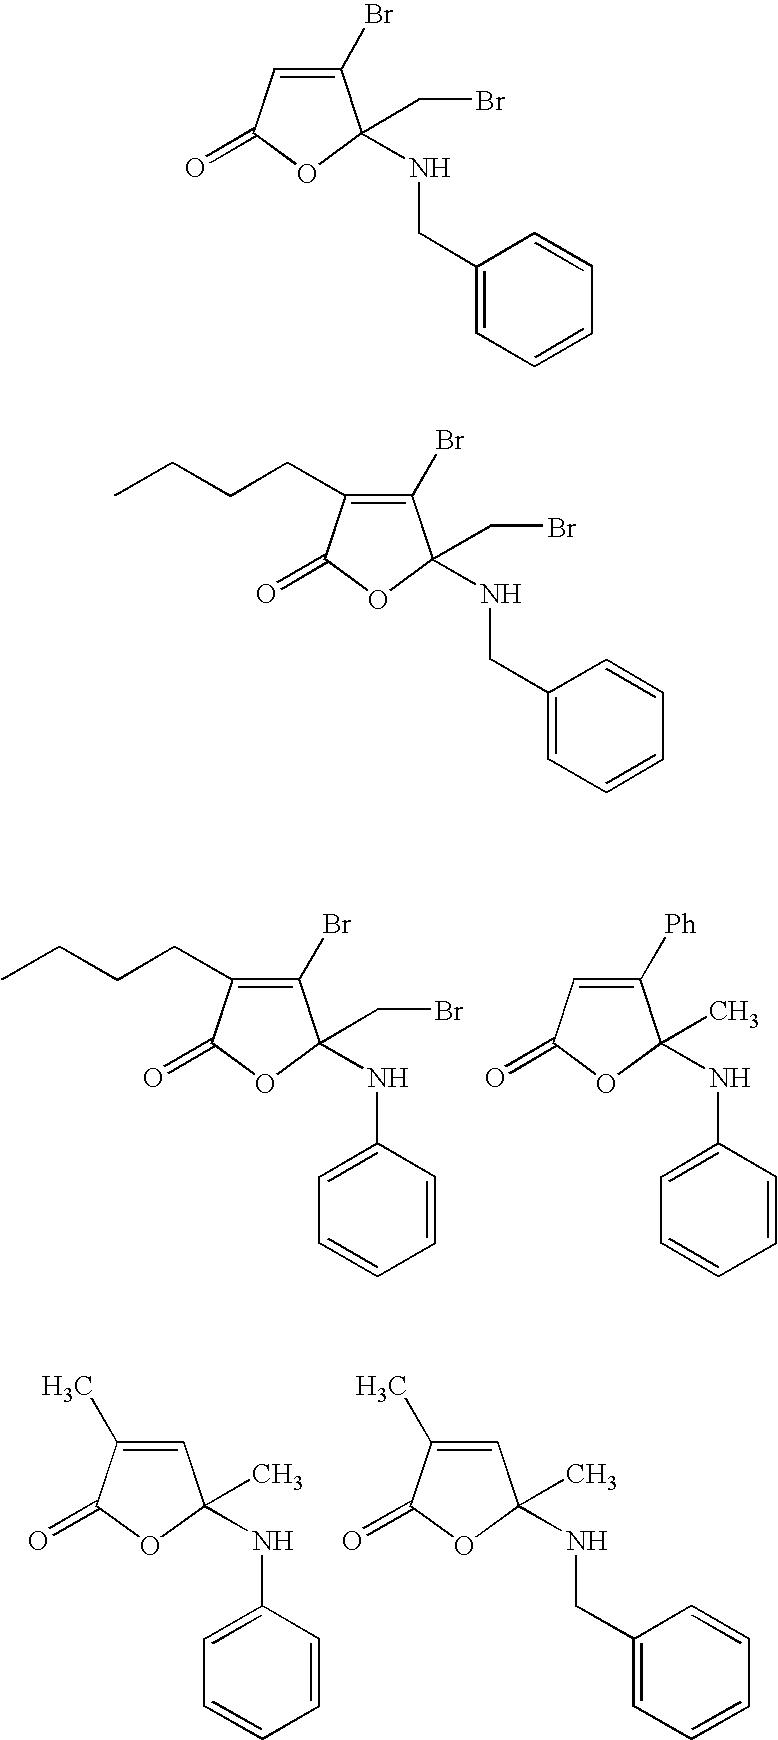 Figure US07923439-20110412-C00018